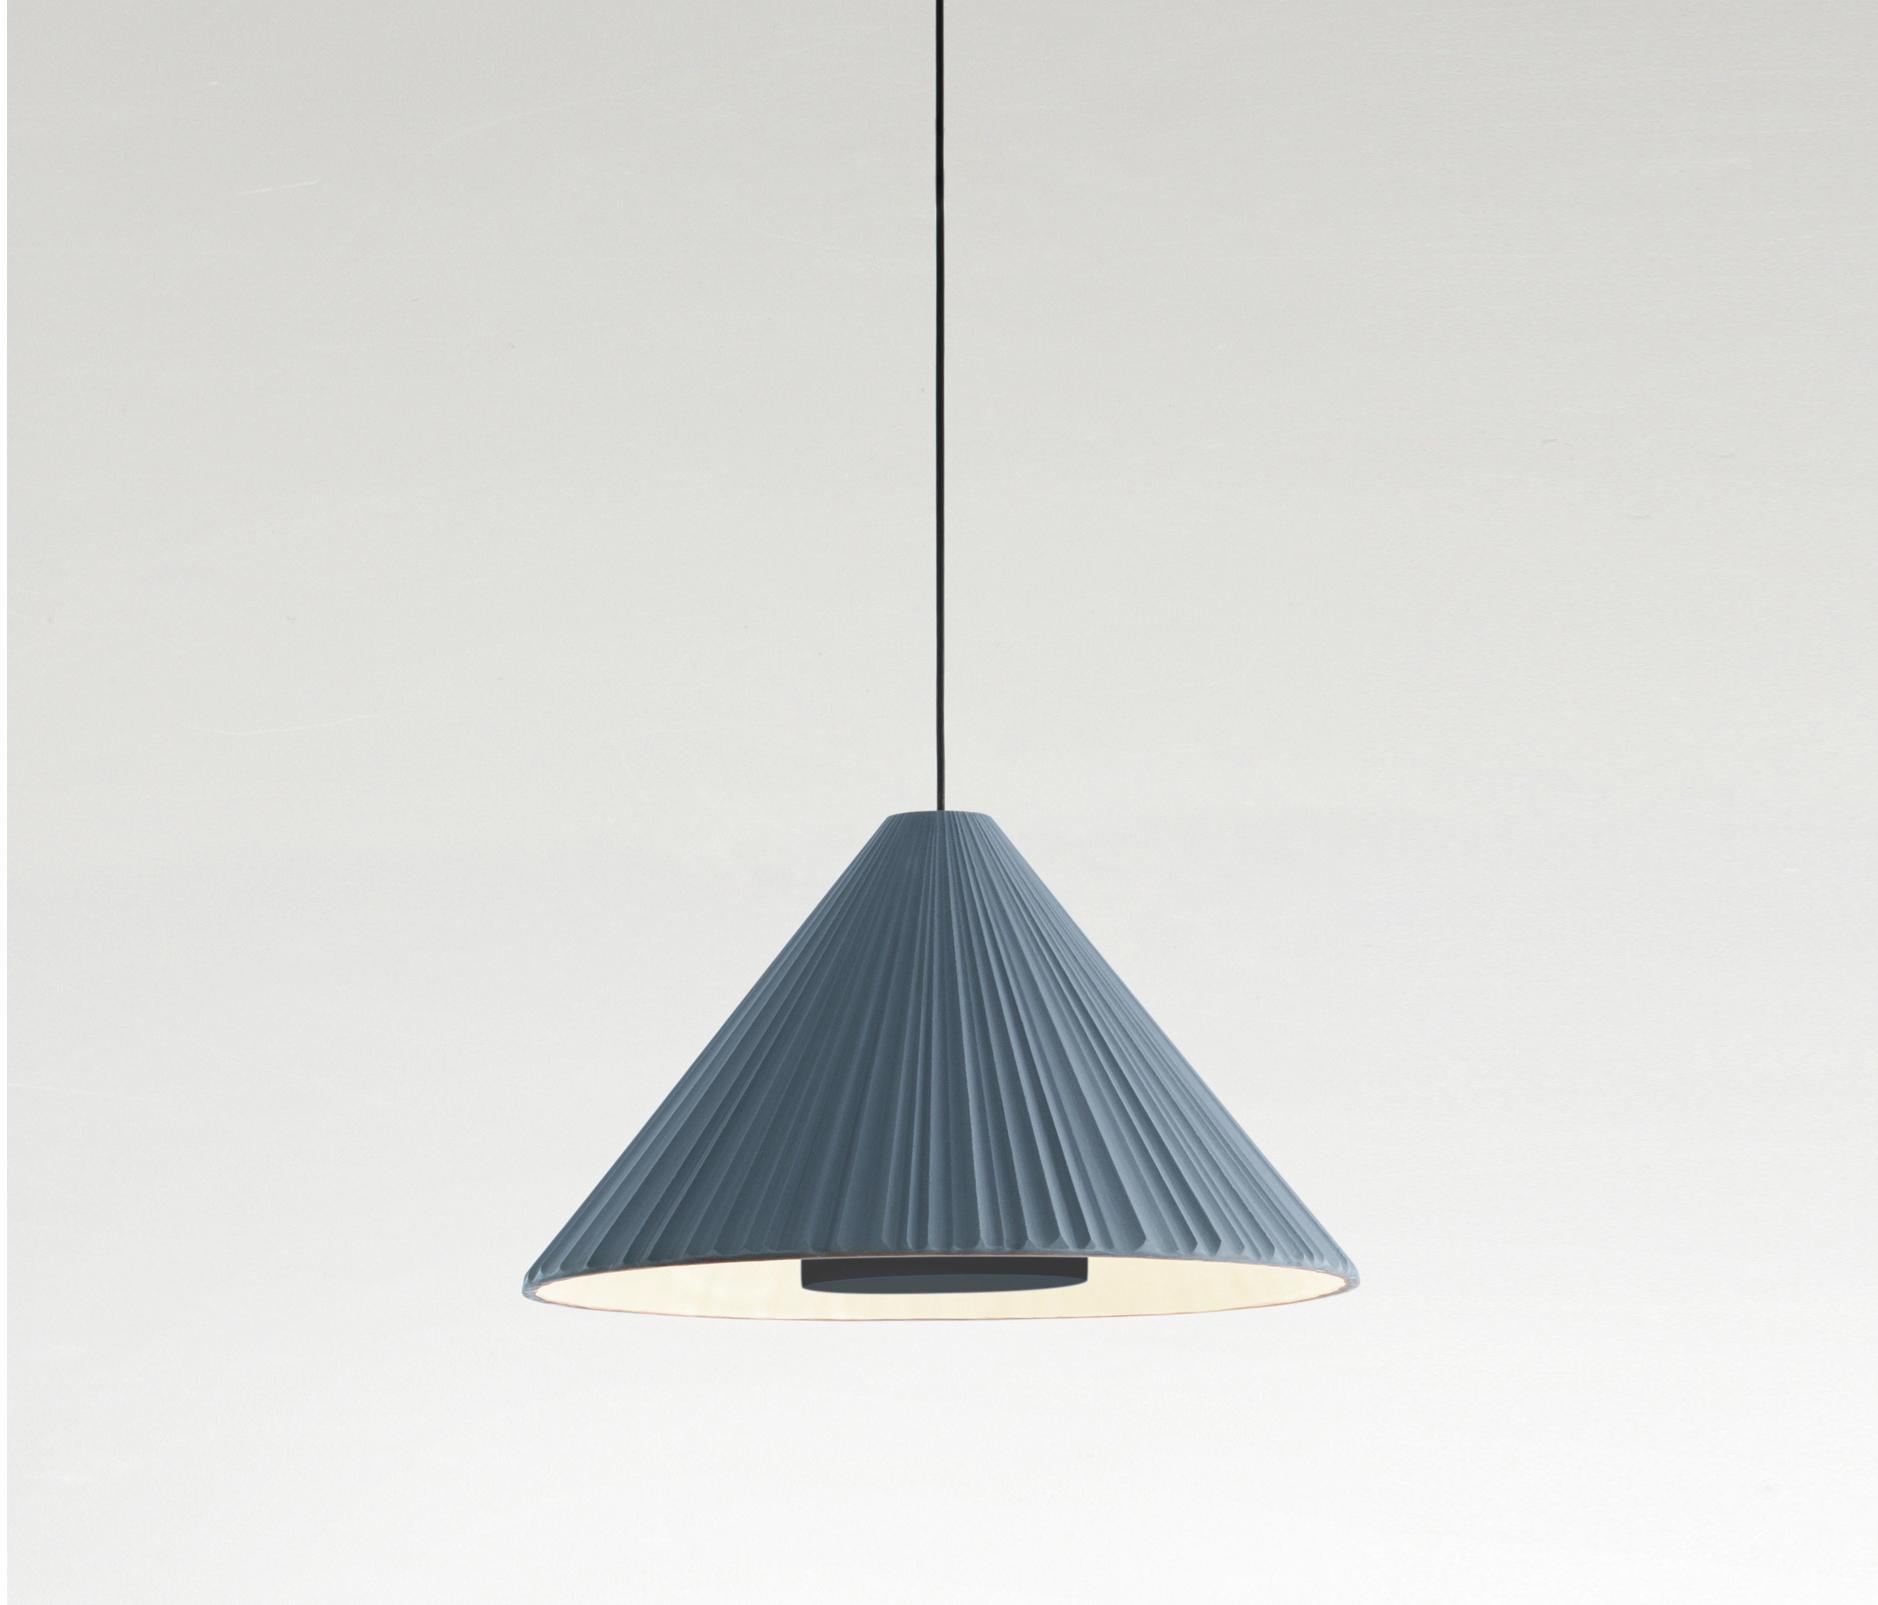 Pu-erh Lamp by Xavier Mañosa for Marset